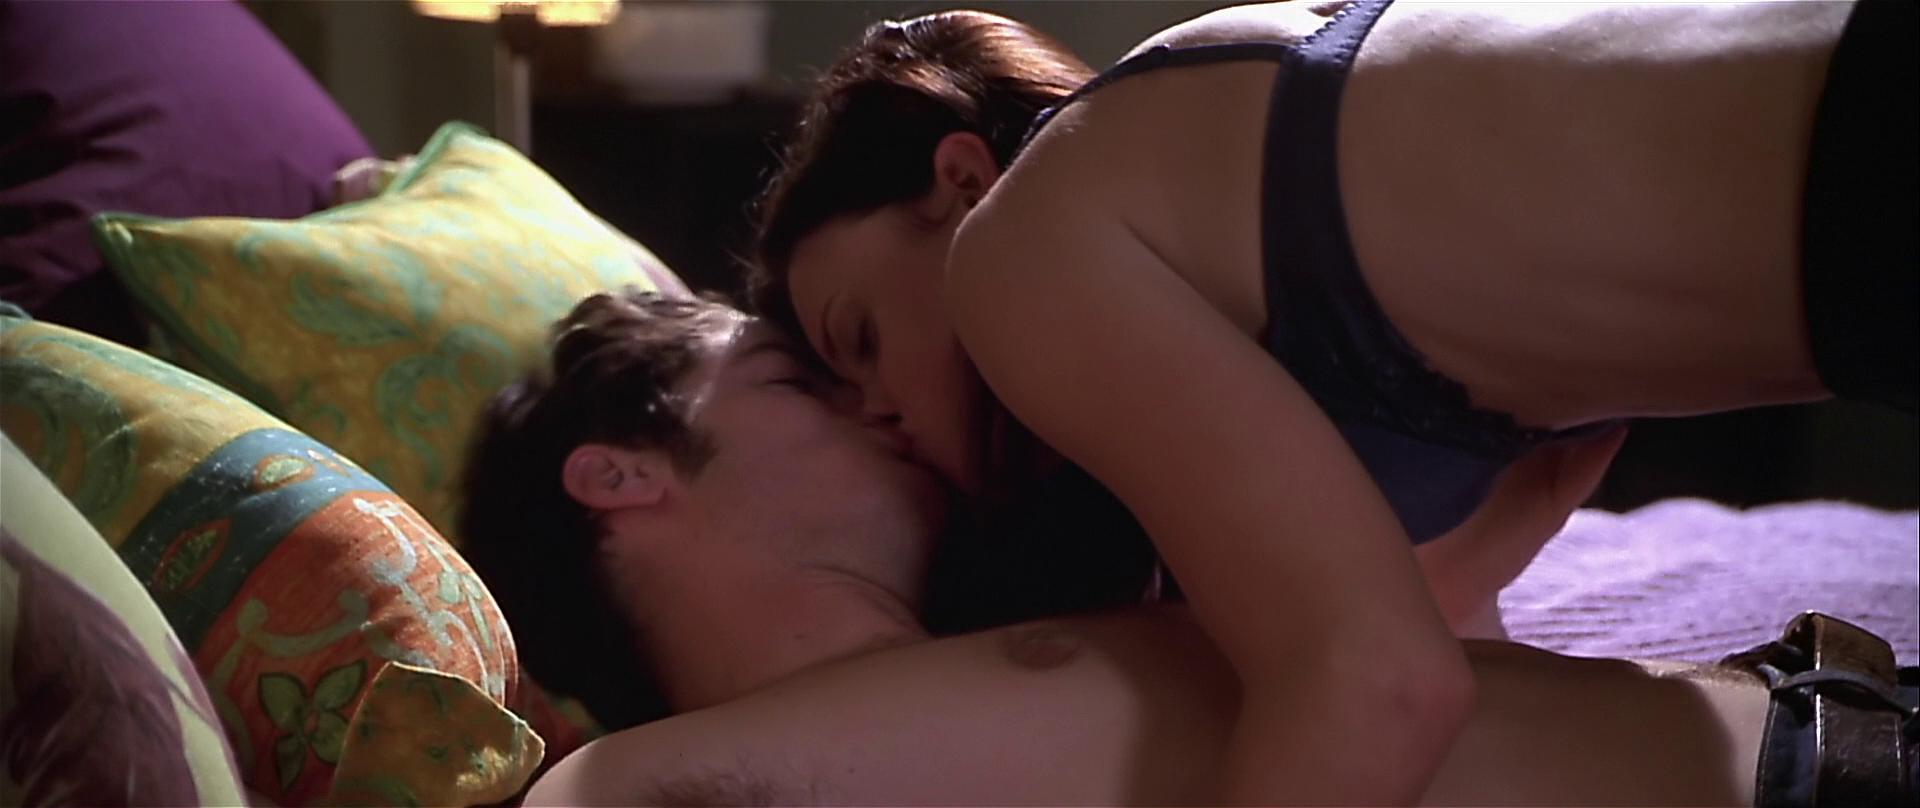 Сборки секс из кинофильма